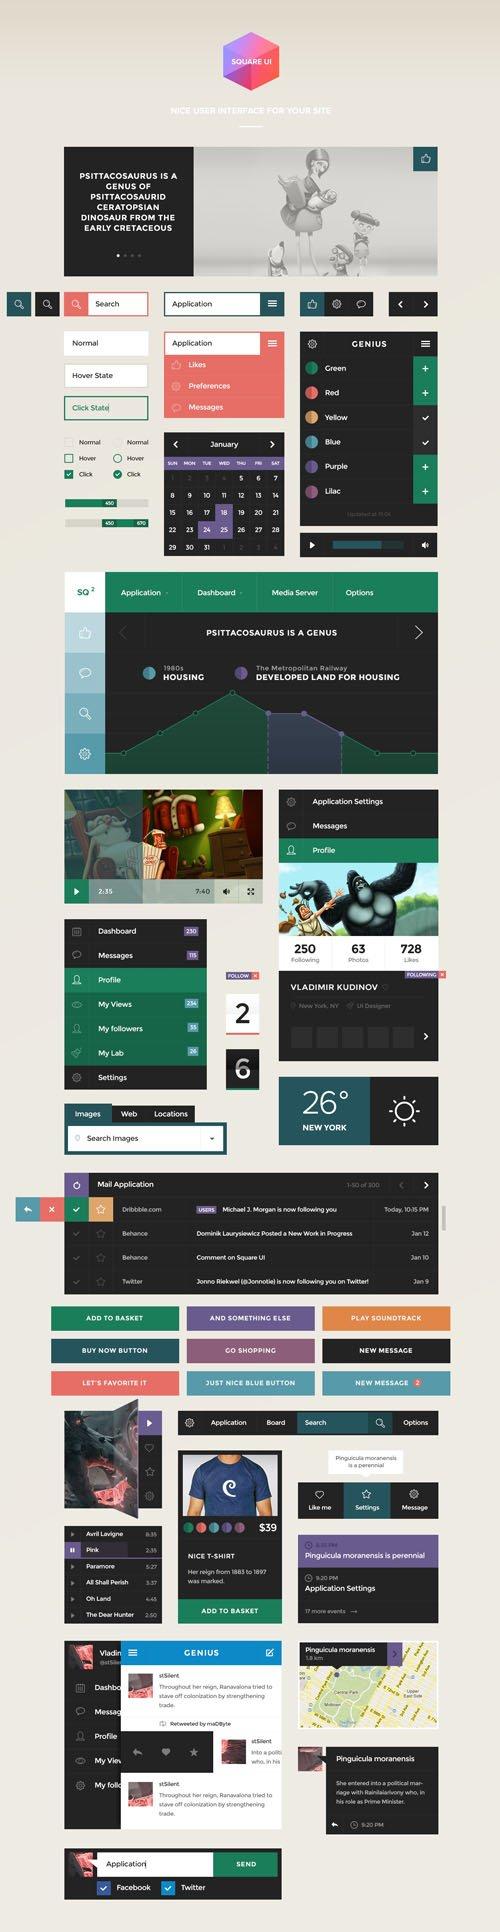 Square UI Kit PSD/HTML Template